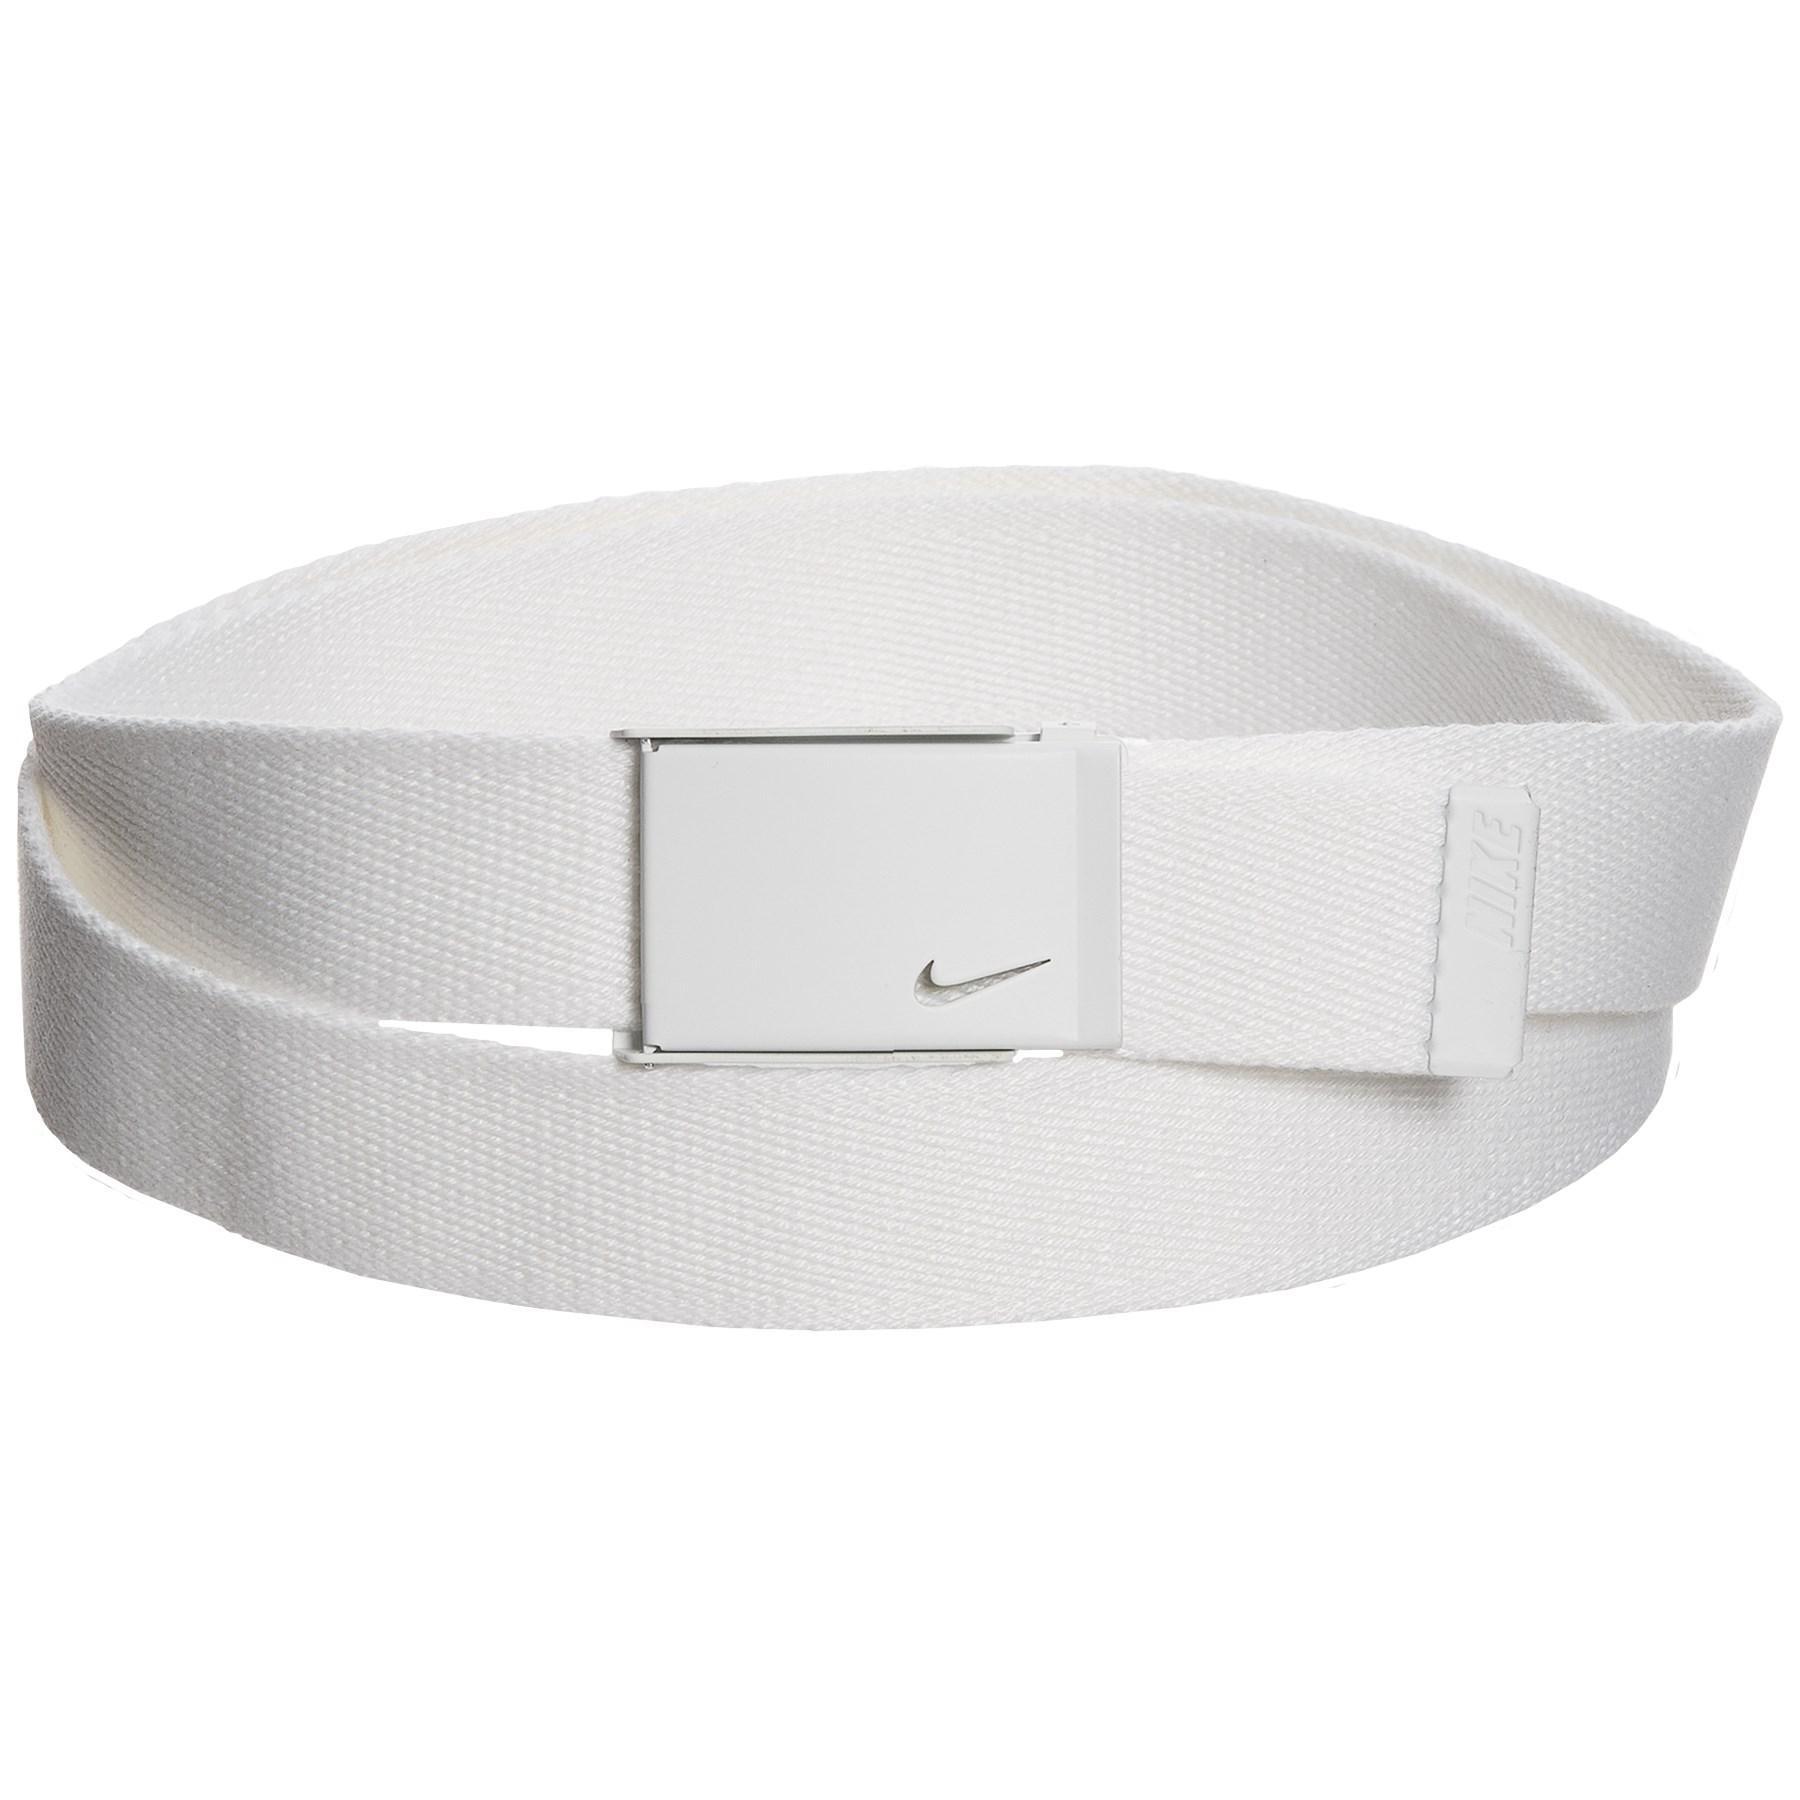 10a8a2e5ea Nike Tech Essential Single Web Belt (for Women) in White - Lyst